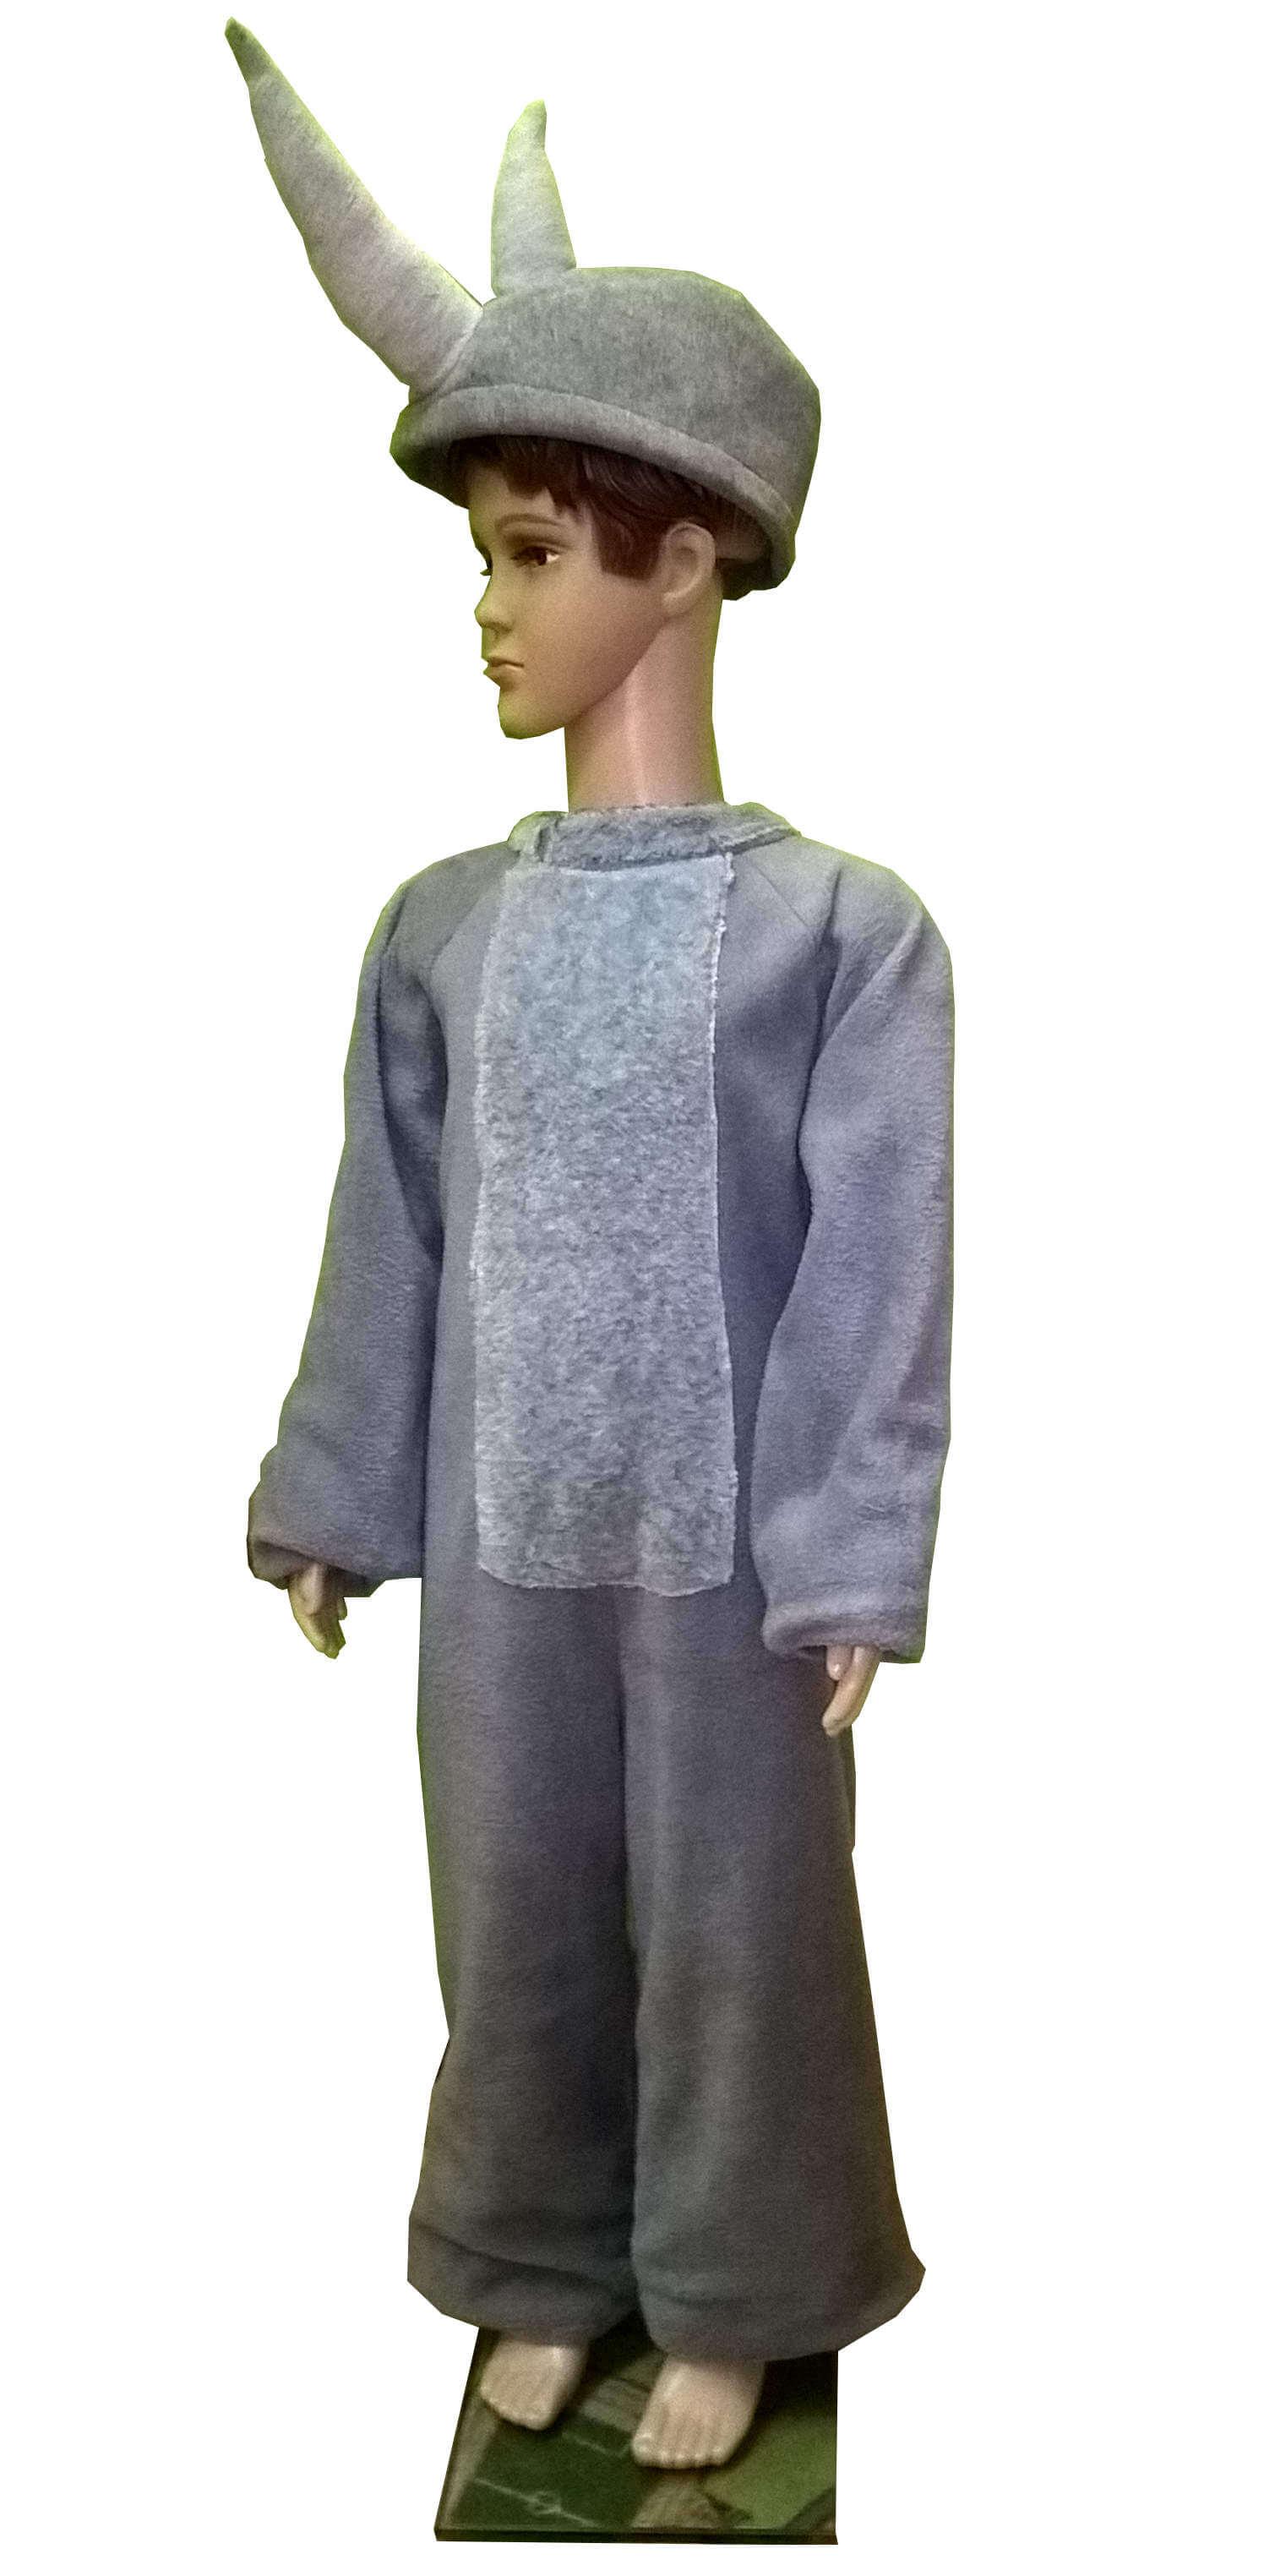 костюм насарога. Raganosio kostiumas. Gyvunų karnavaliniai kostiumai. Karnavaliniu kostiumu nuoma vaikams Vilniuje - pasakunamai.lt